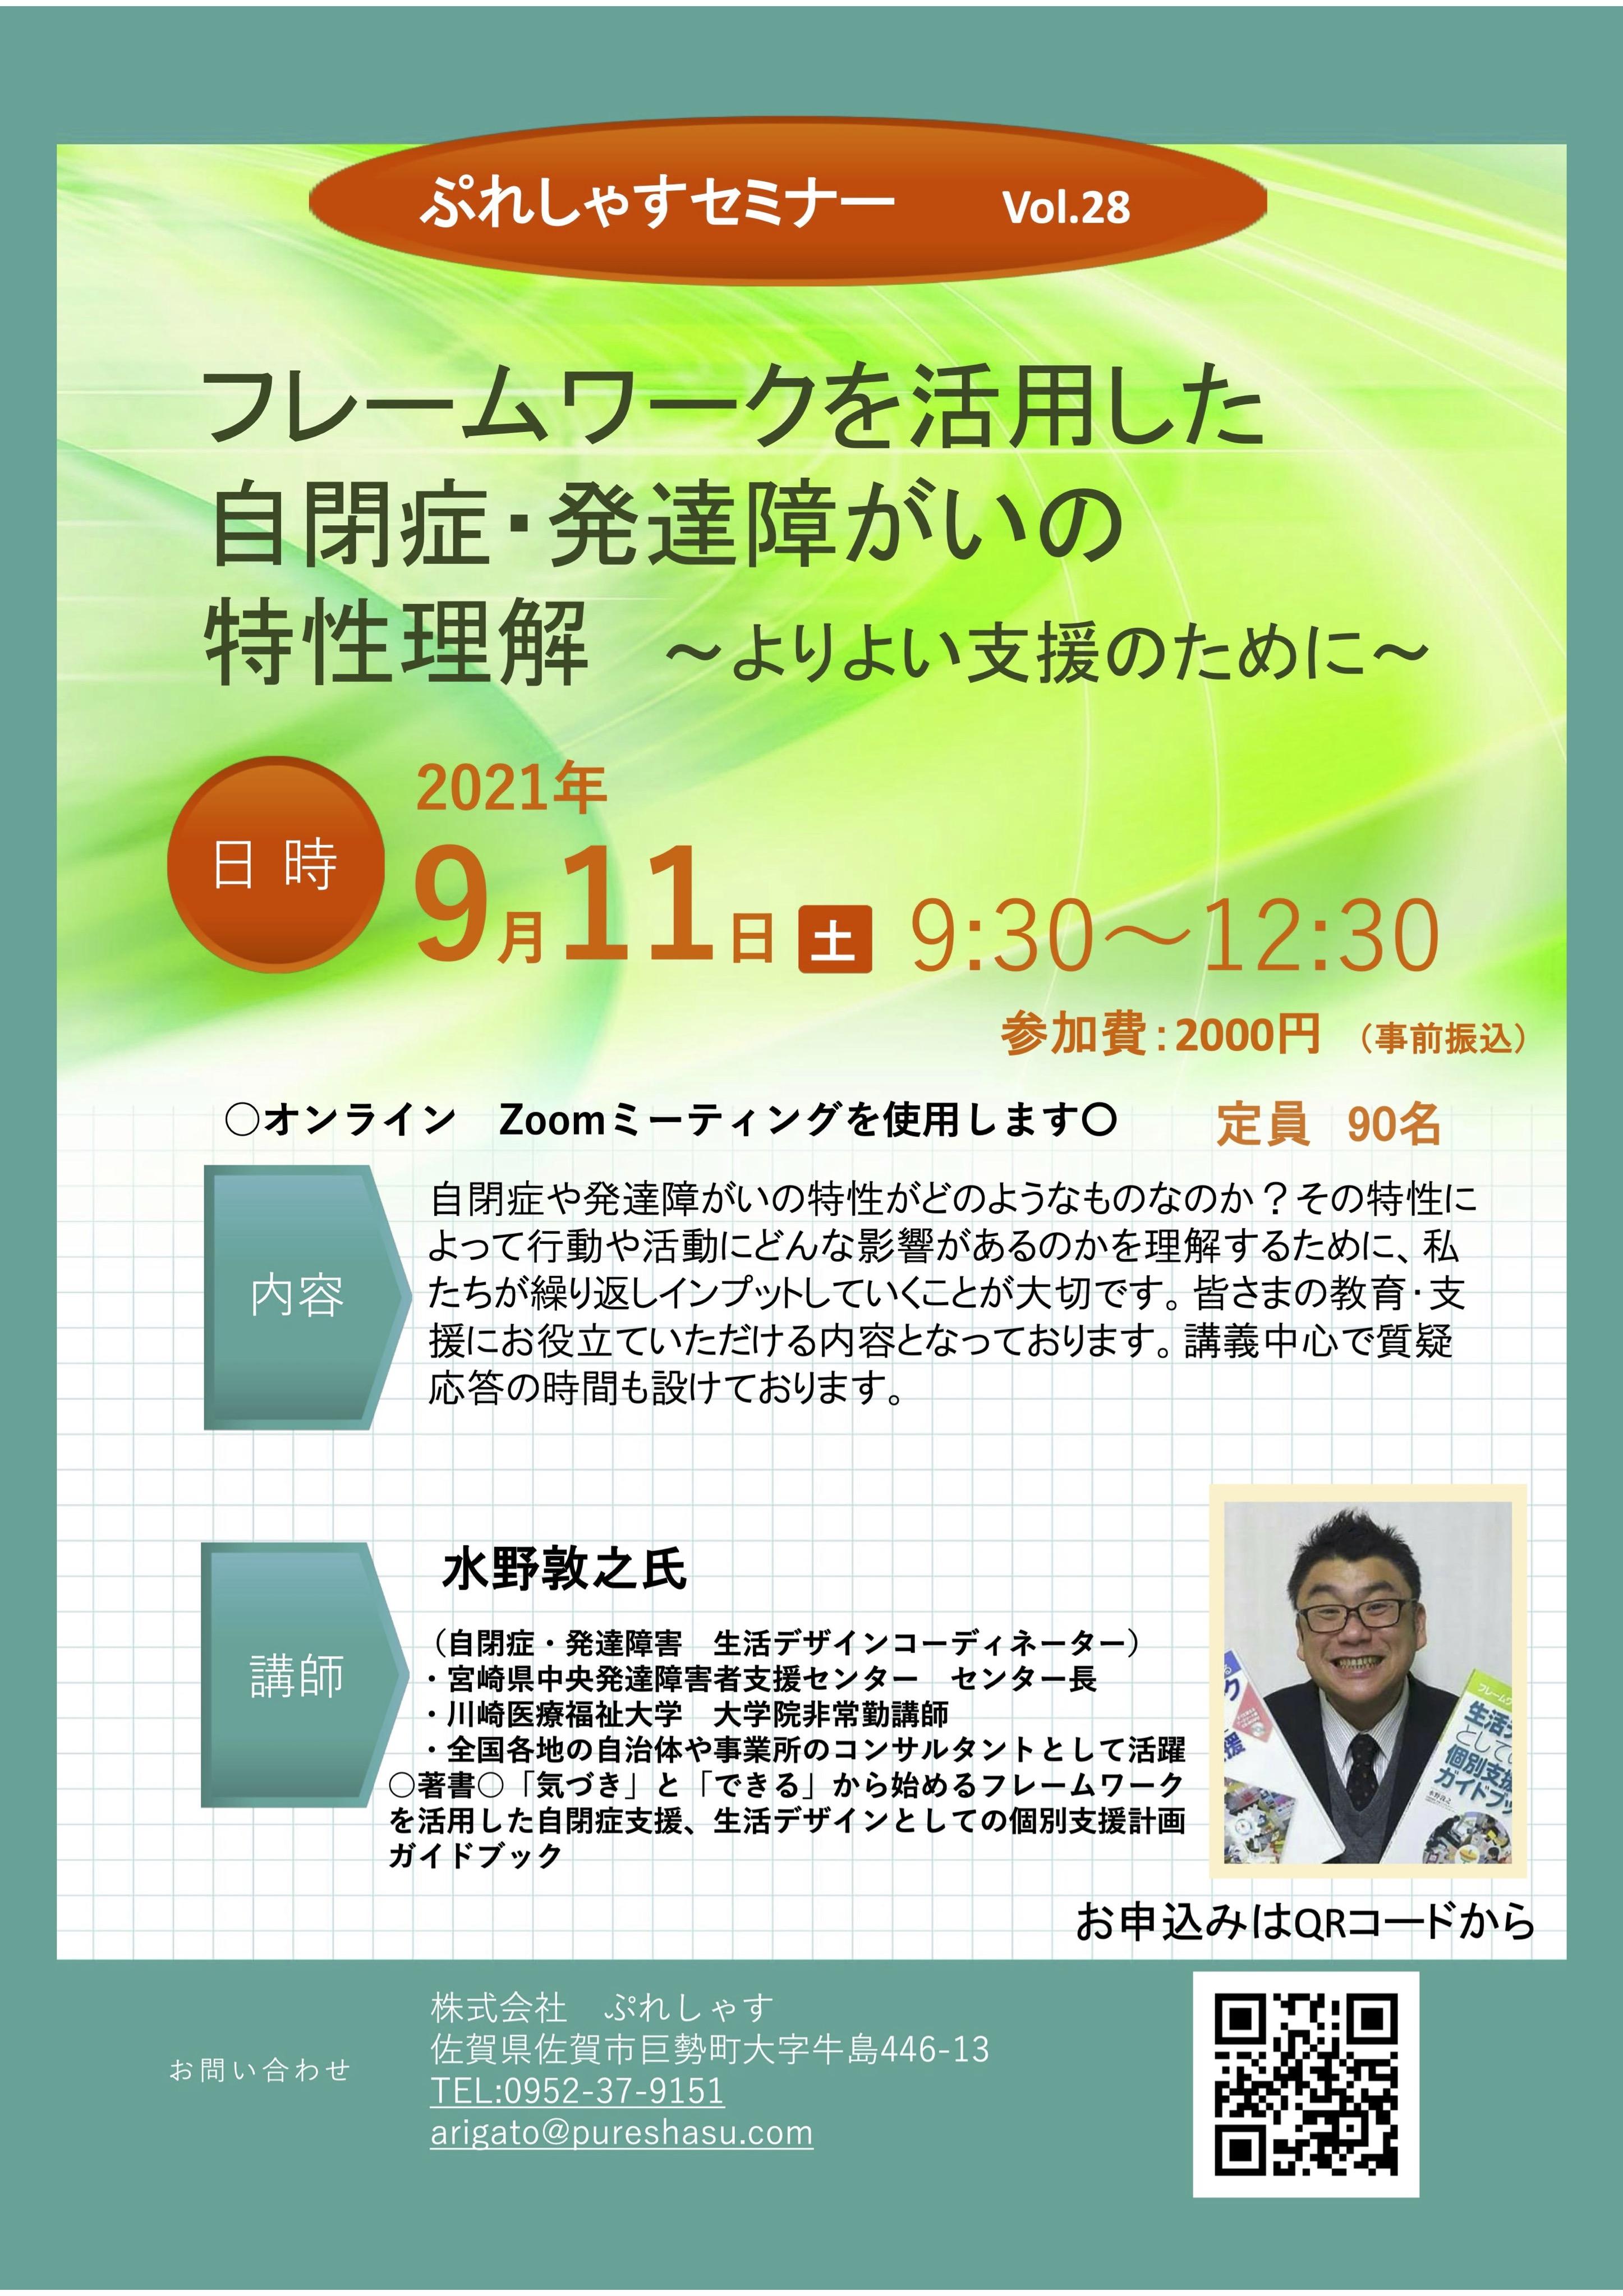 ぷれしゃすセミナーVol.28